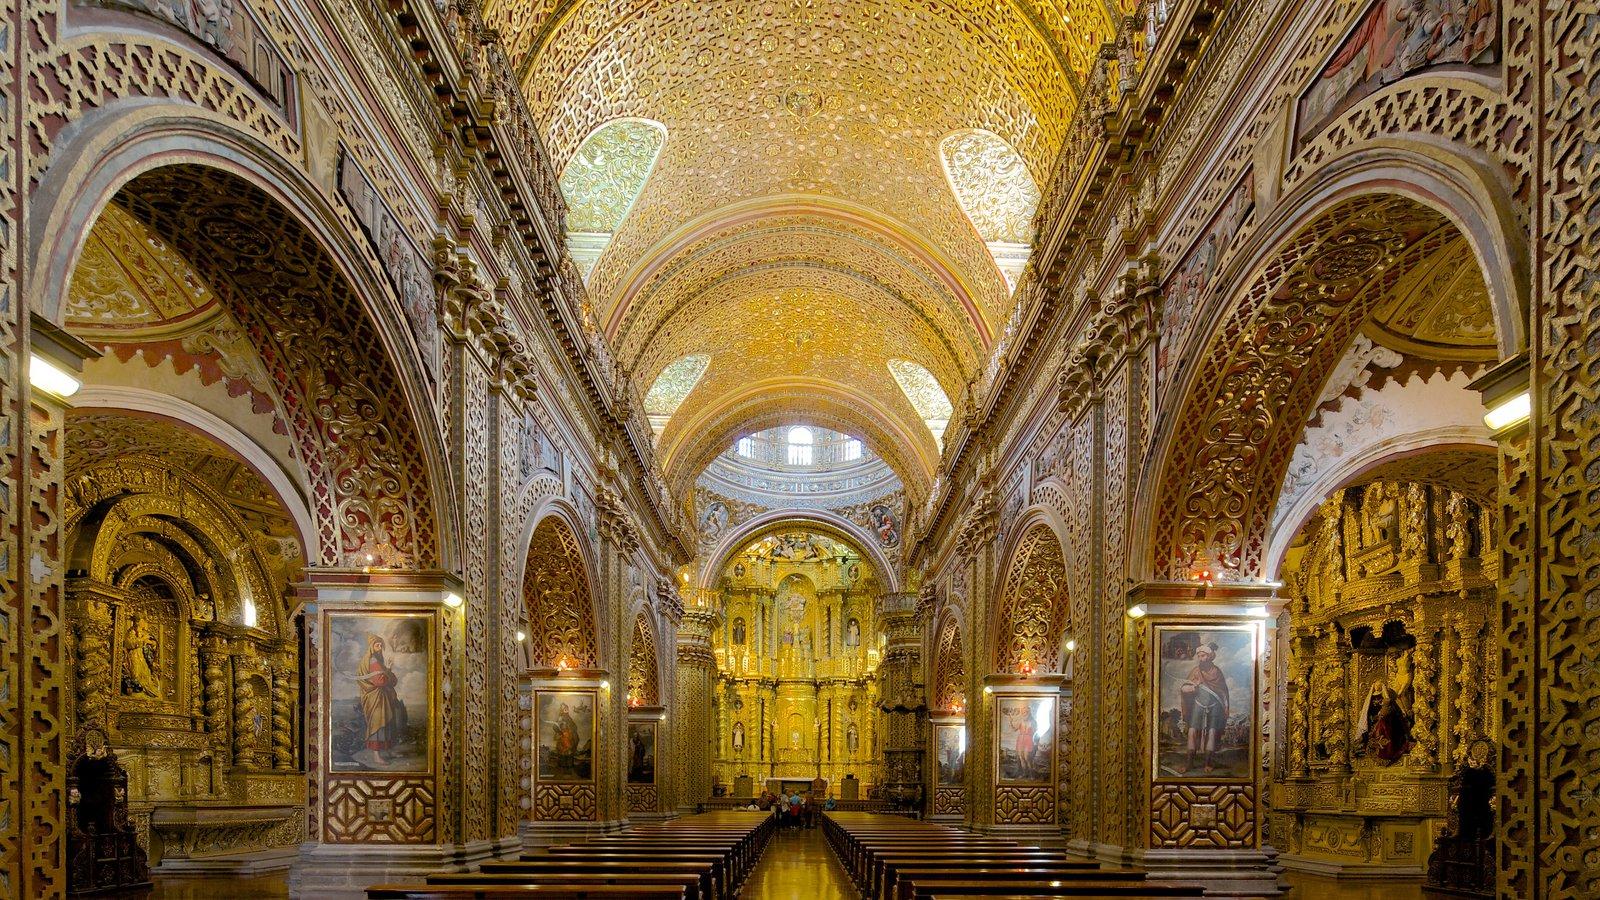 Igreja da Companhia de Jesus mostrando aspectos religiosos, uma igreja ou catedral e vistas internas